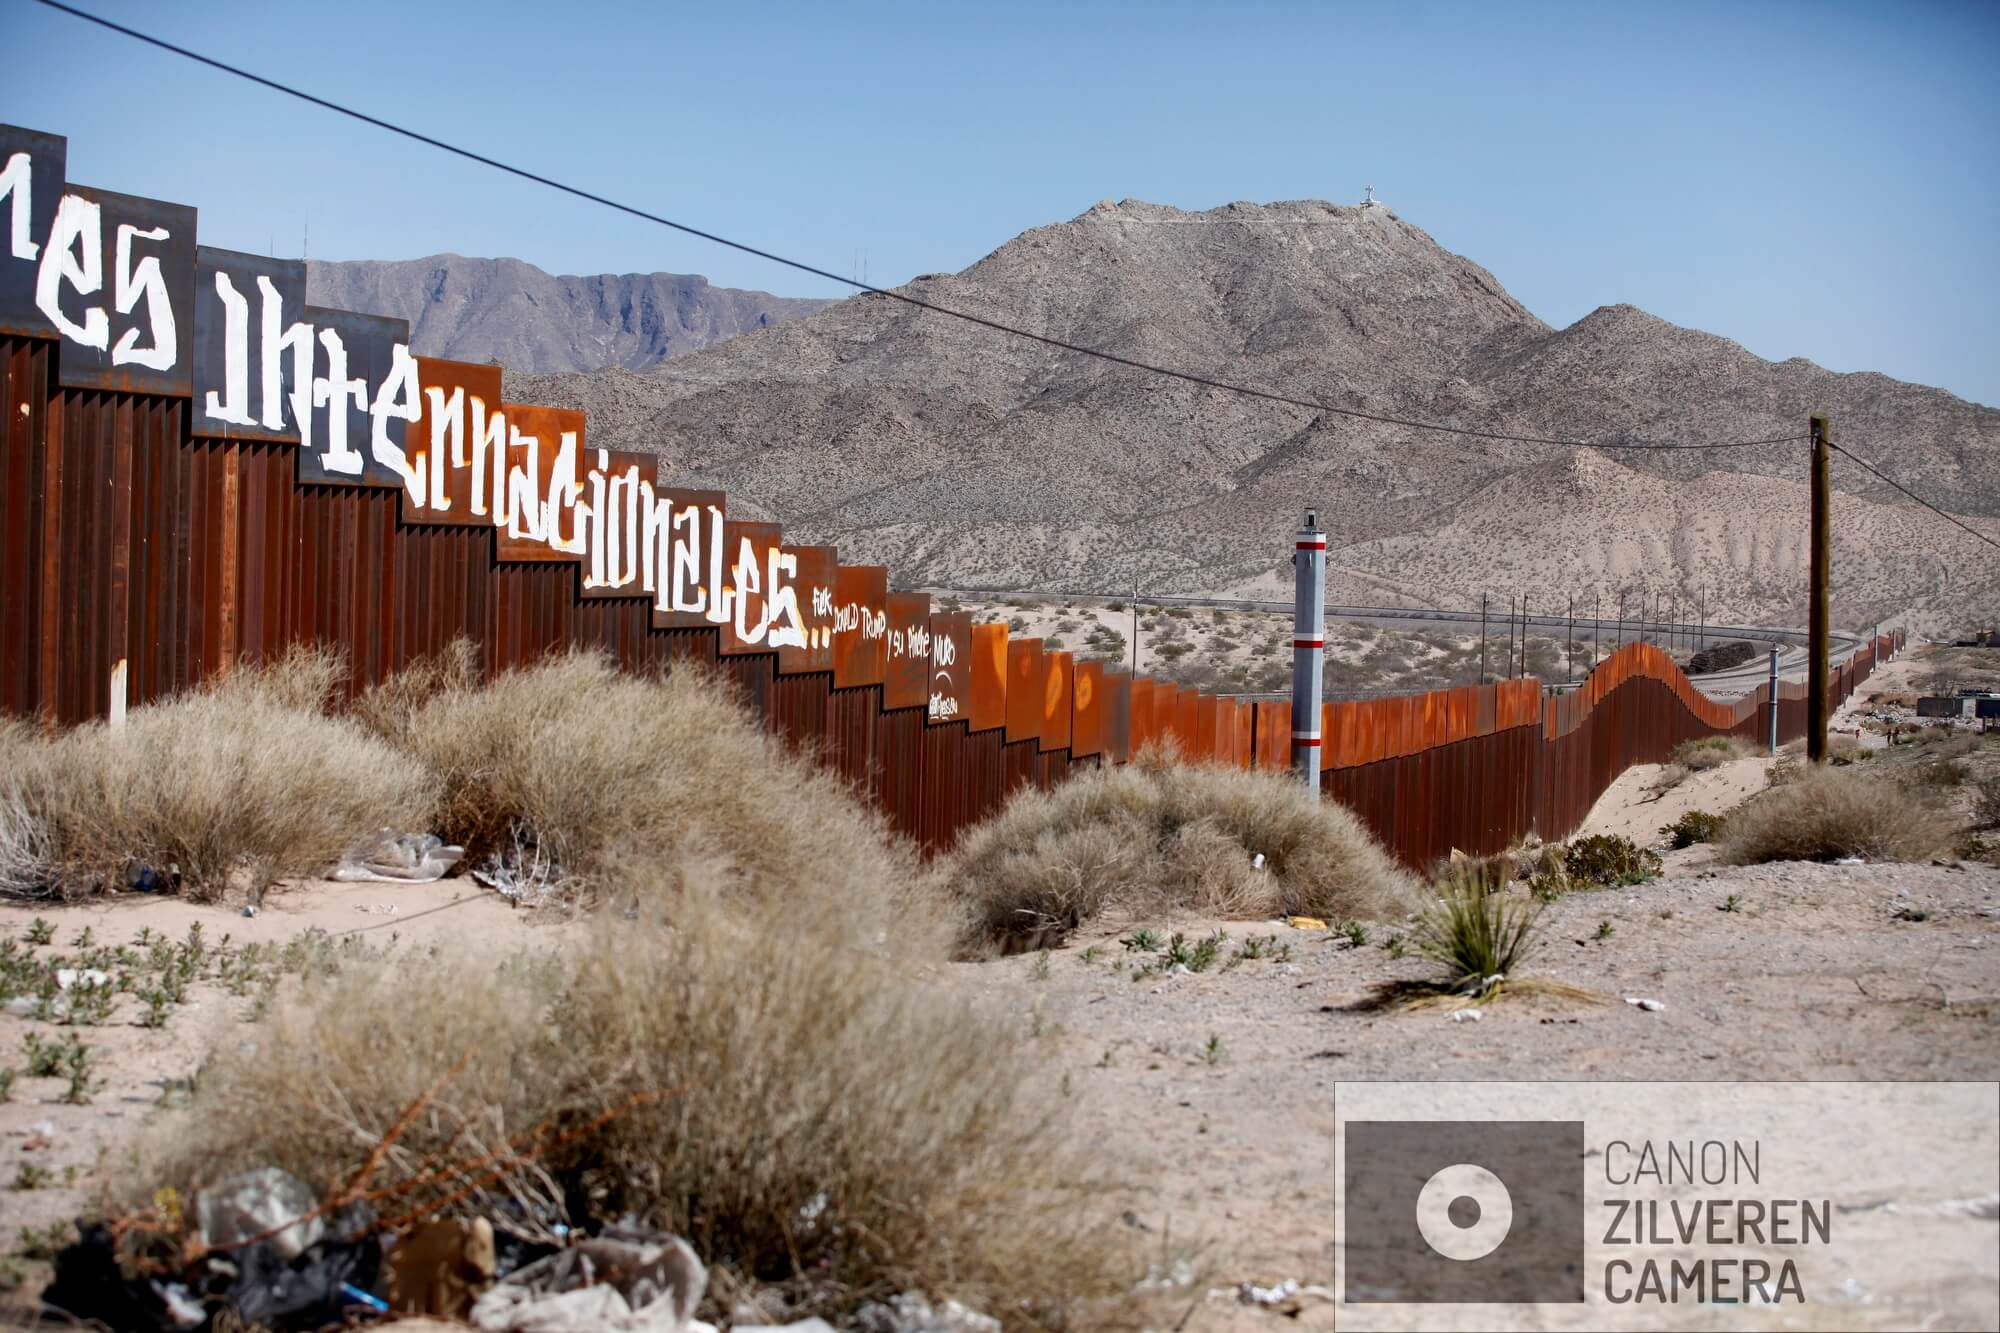 De grens tussen Mexico en de USA